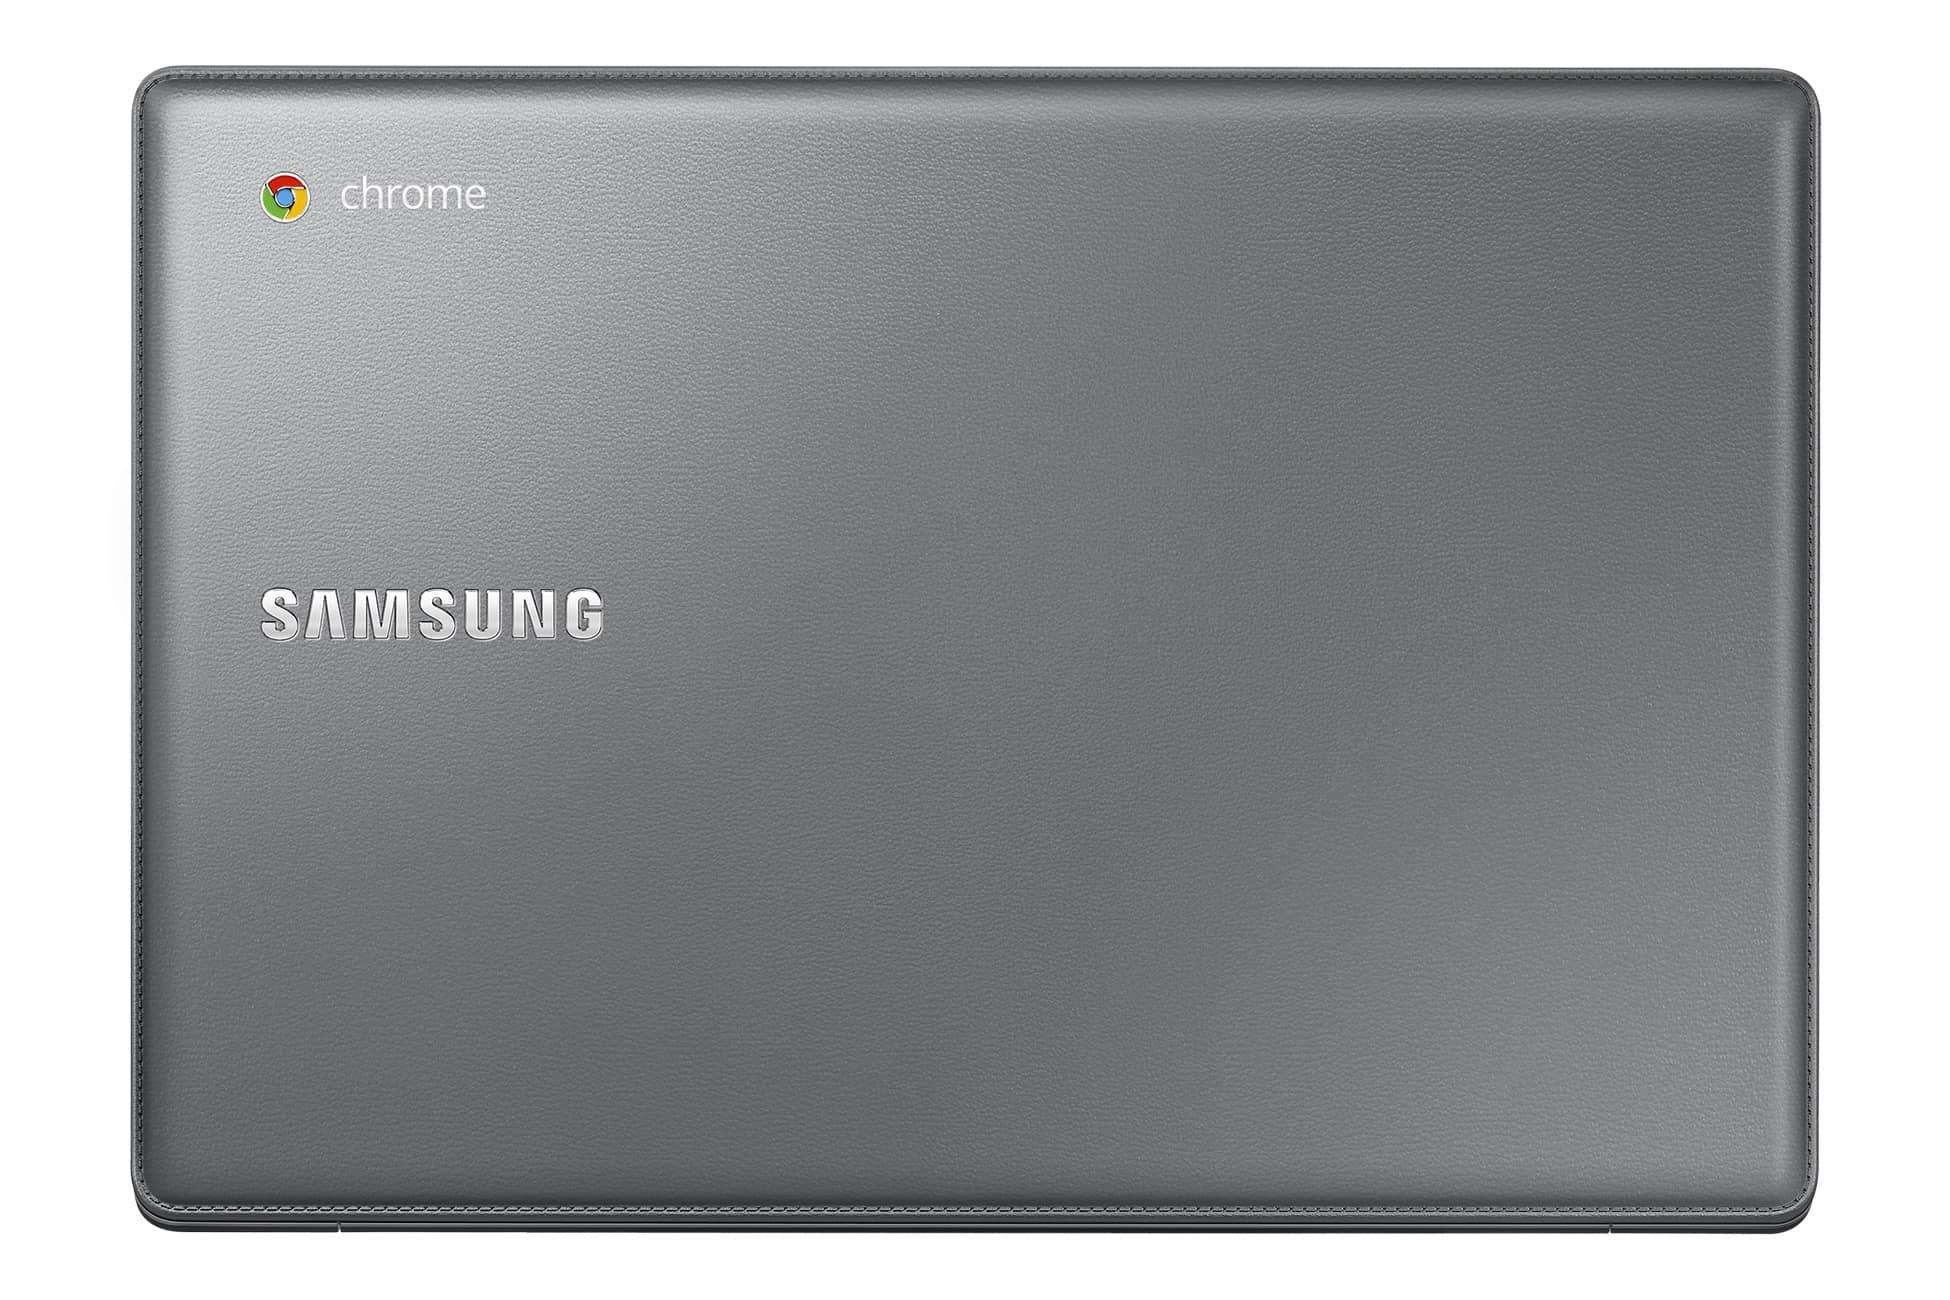 Chromebook2 13 010 Top Titanium Gray